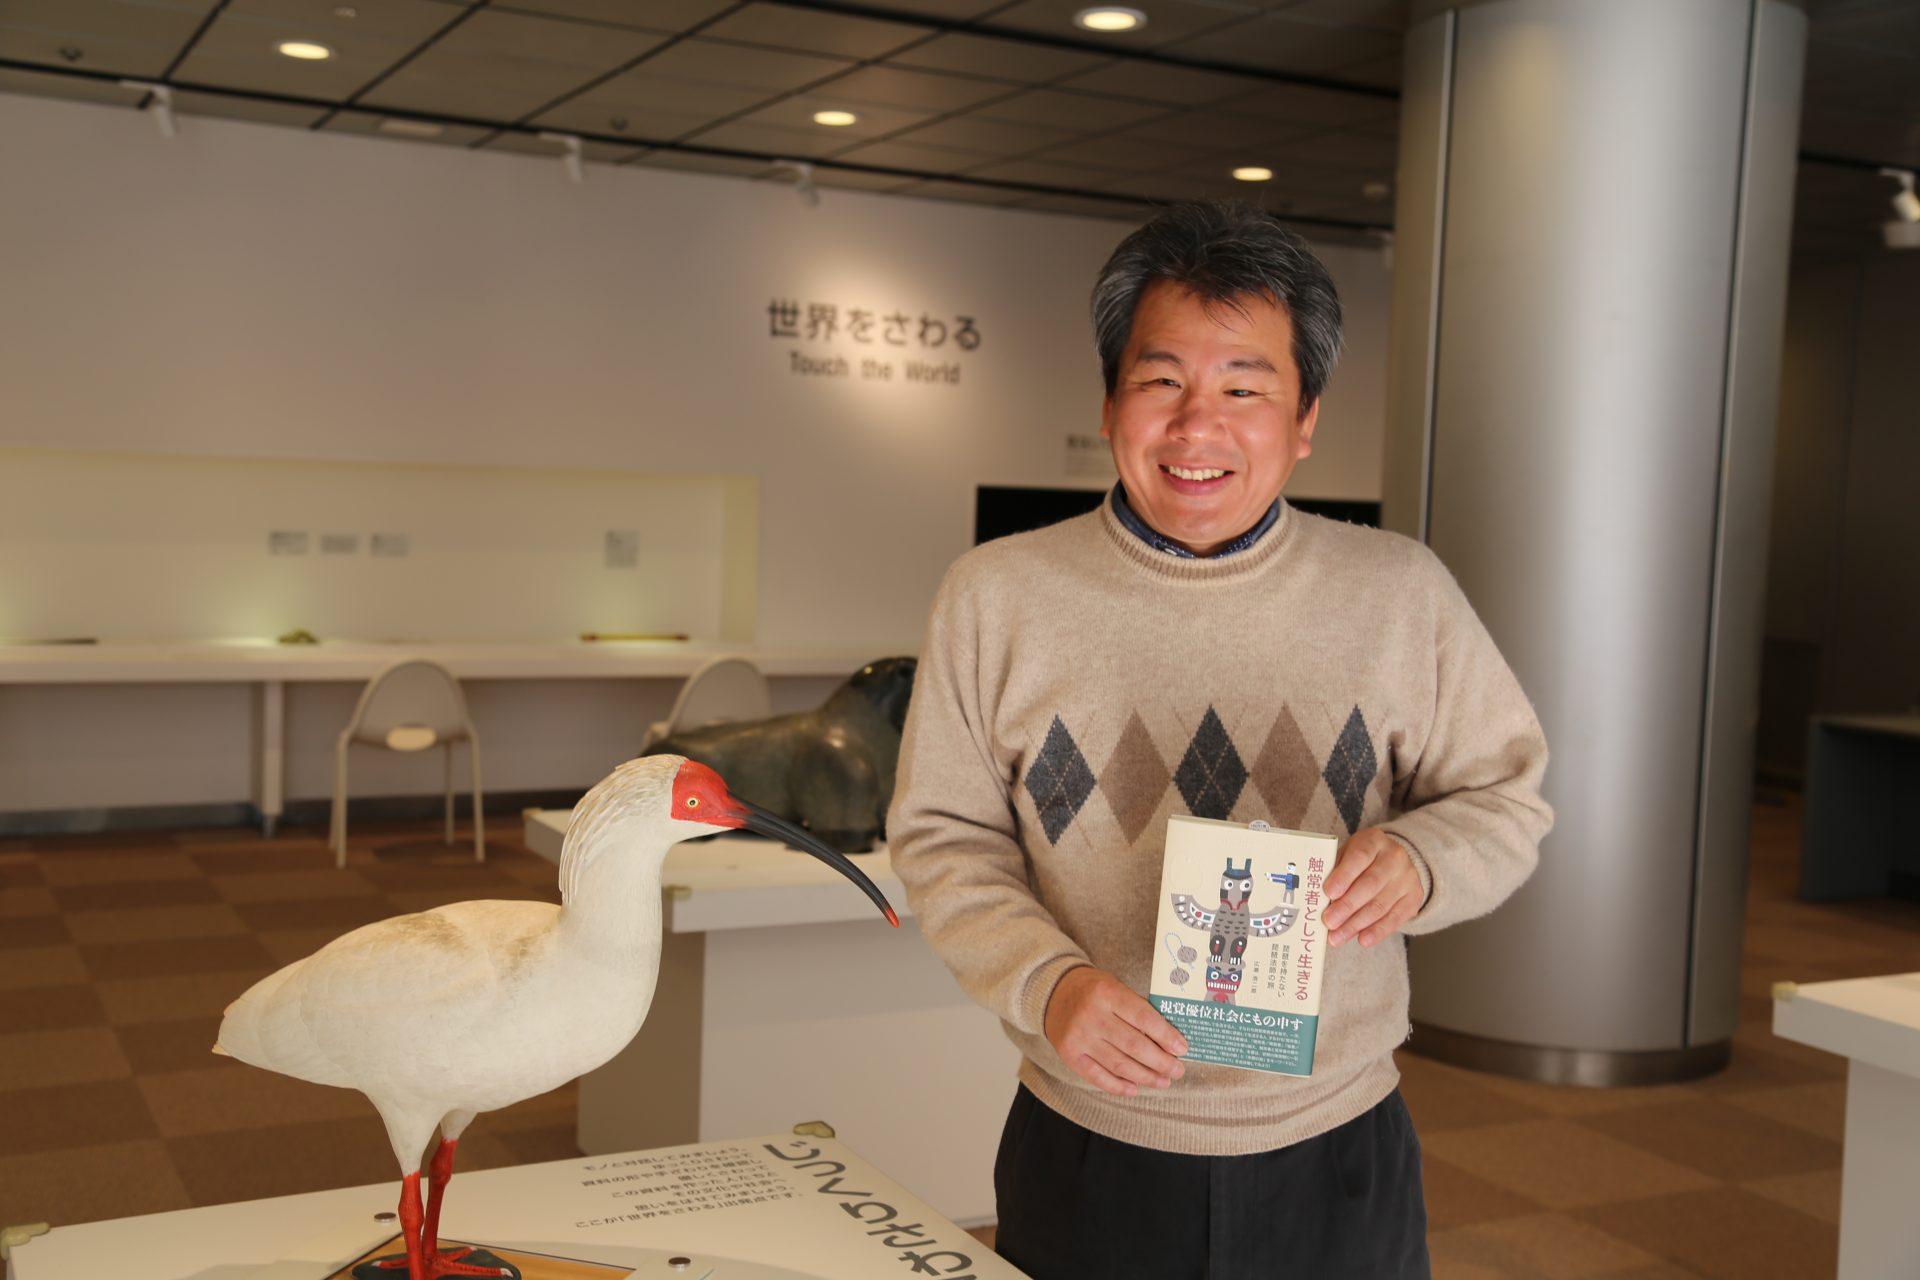 国立民族学博物館の触れるコーナー。鳥のトキの模型の前で、著書を持ってニッコリ微笑む広瀬さんのお写真